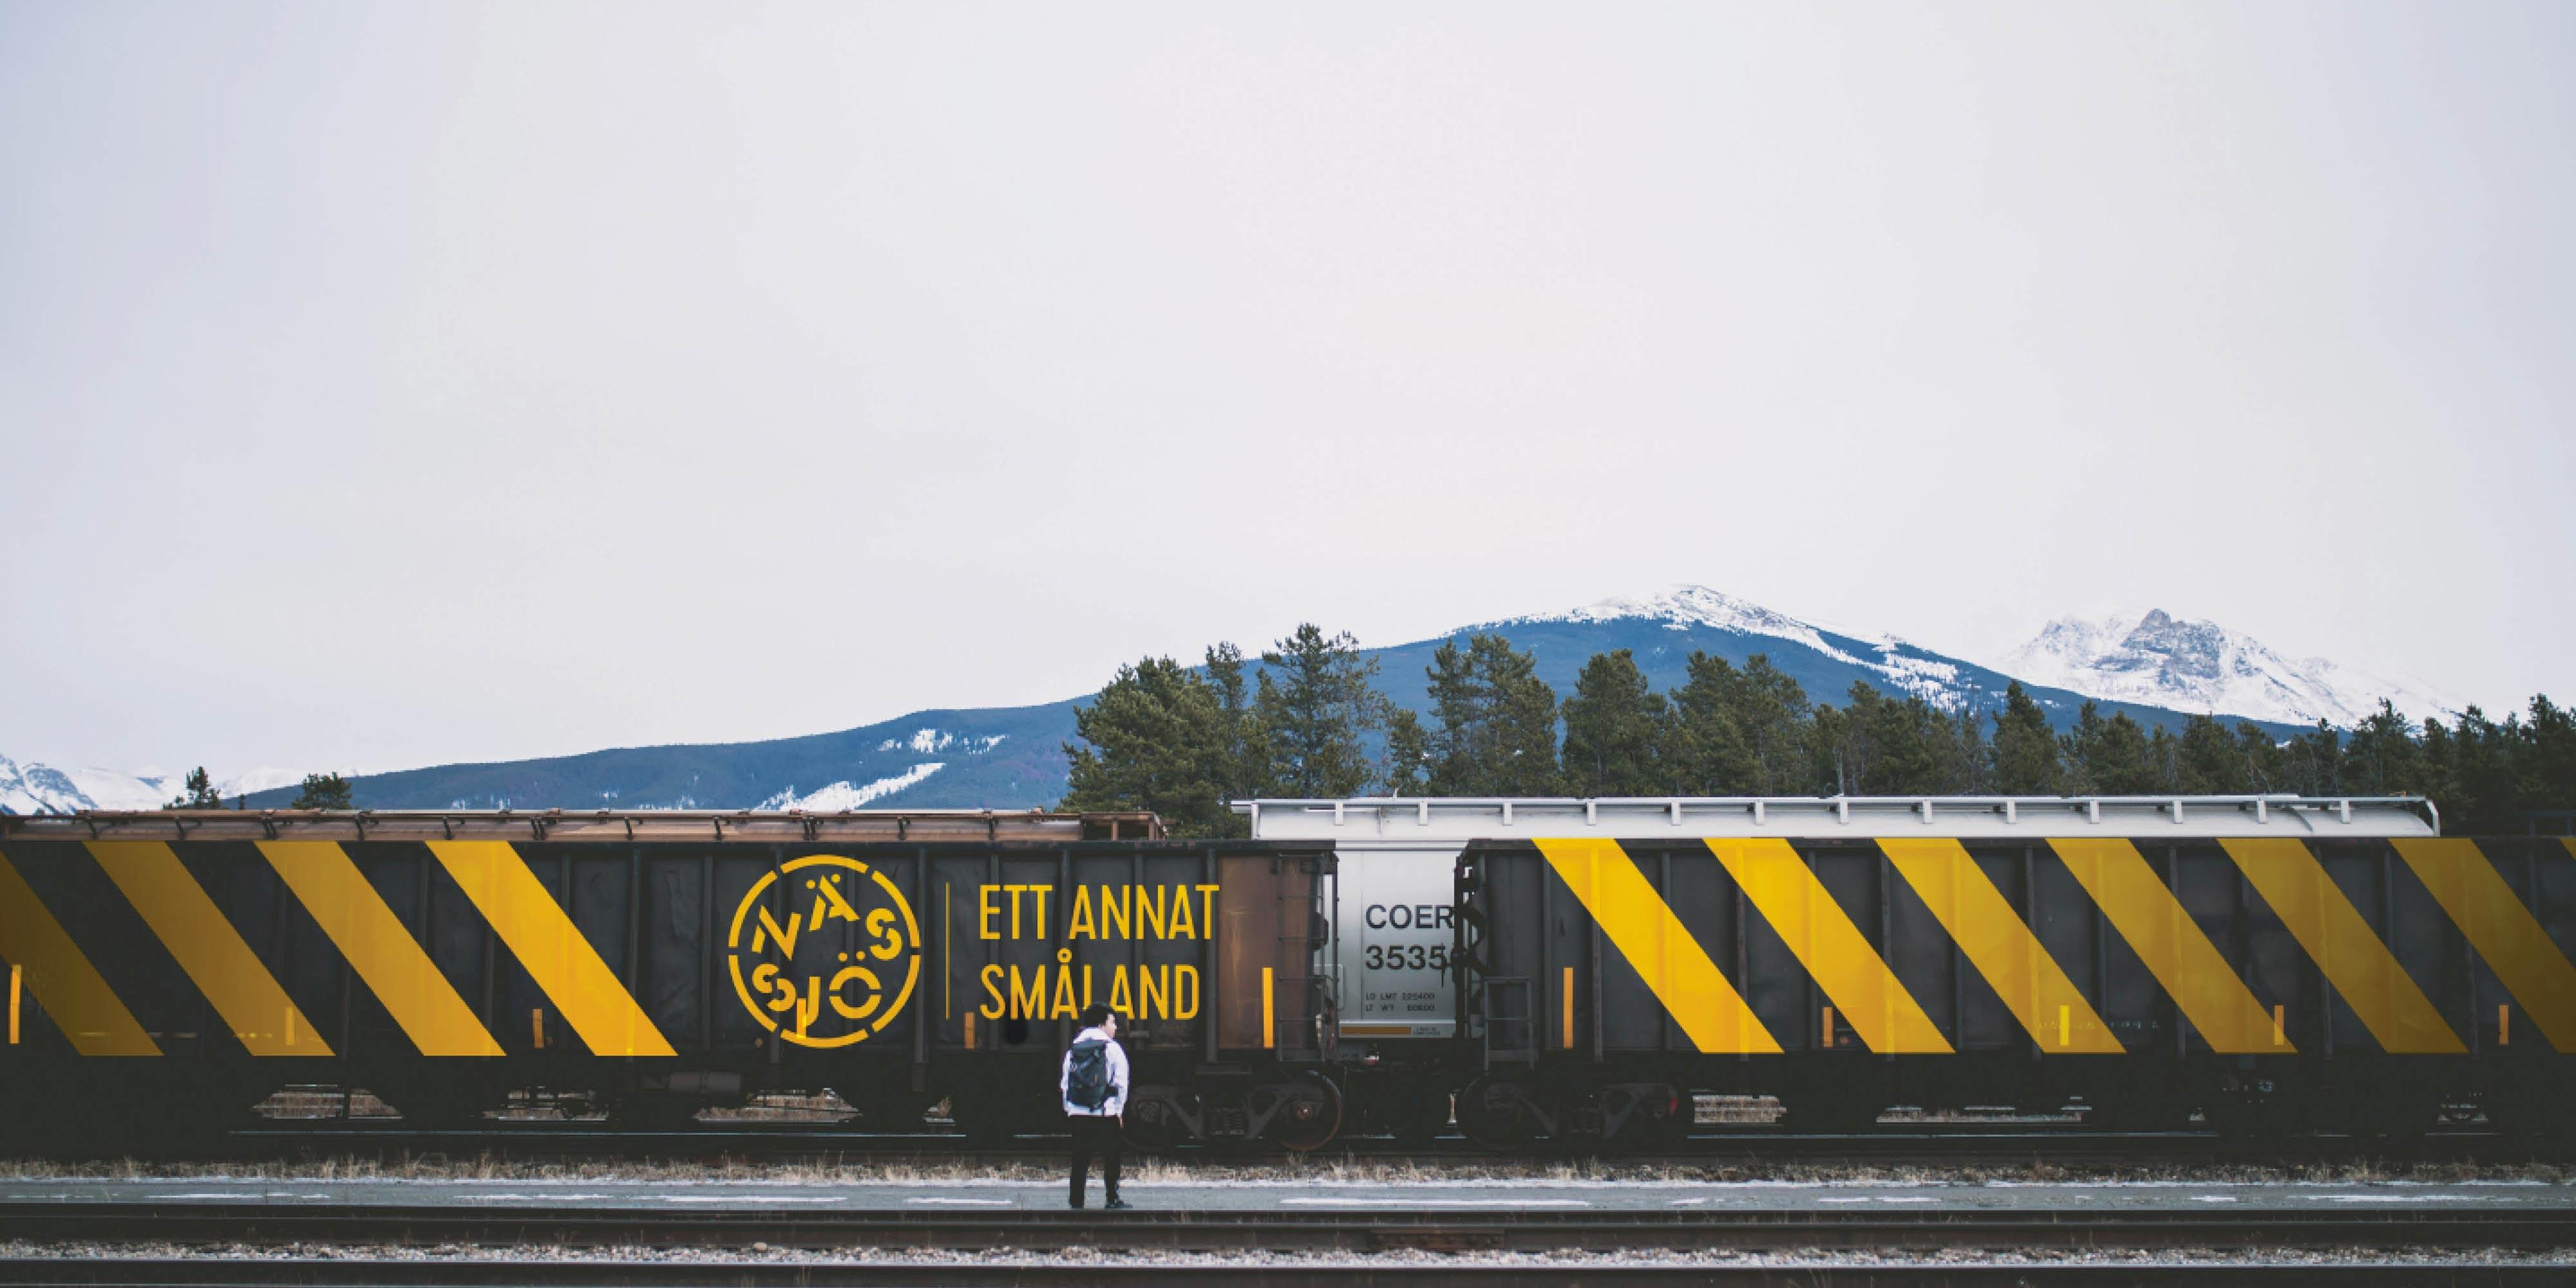 Tåg med Nässjö plastlogotyp